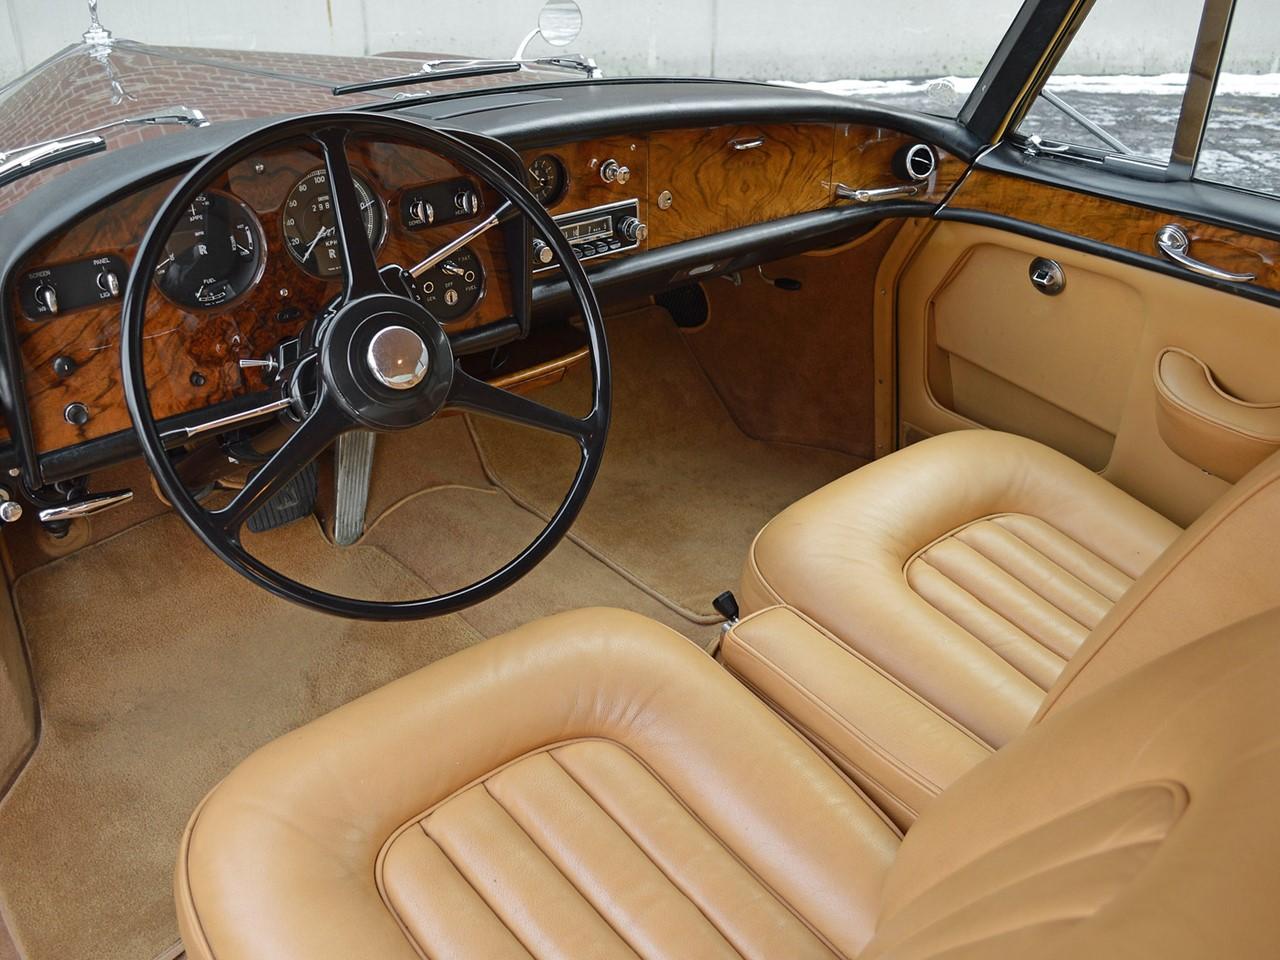 1965 MPW 2